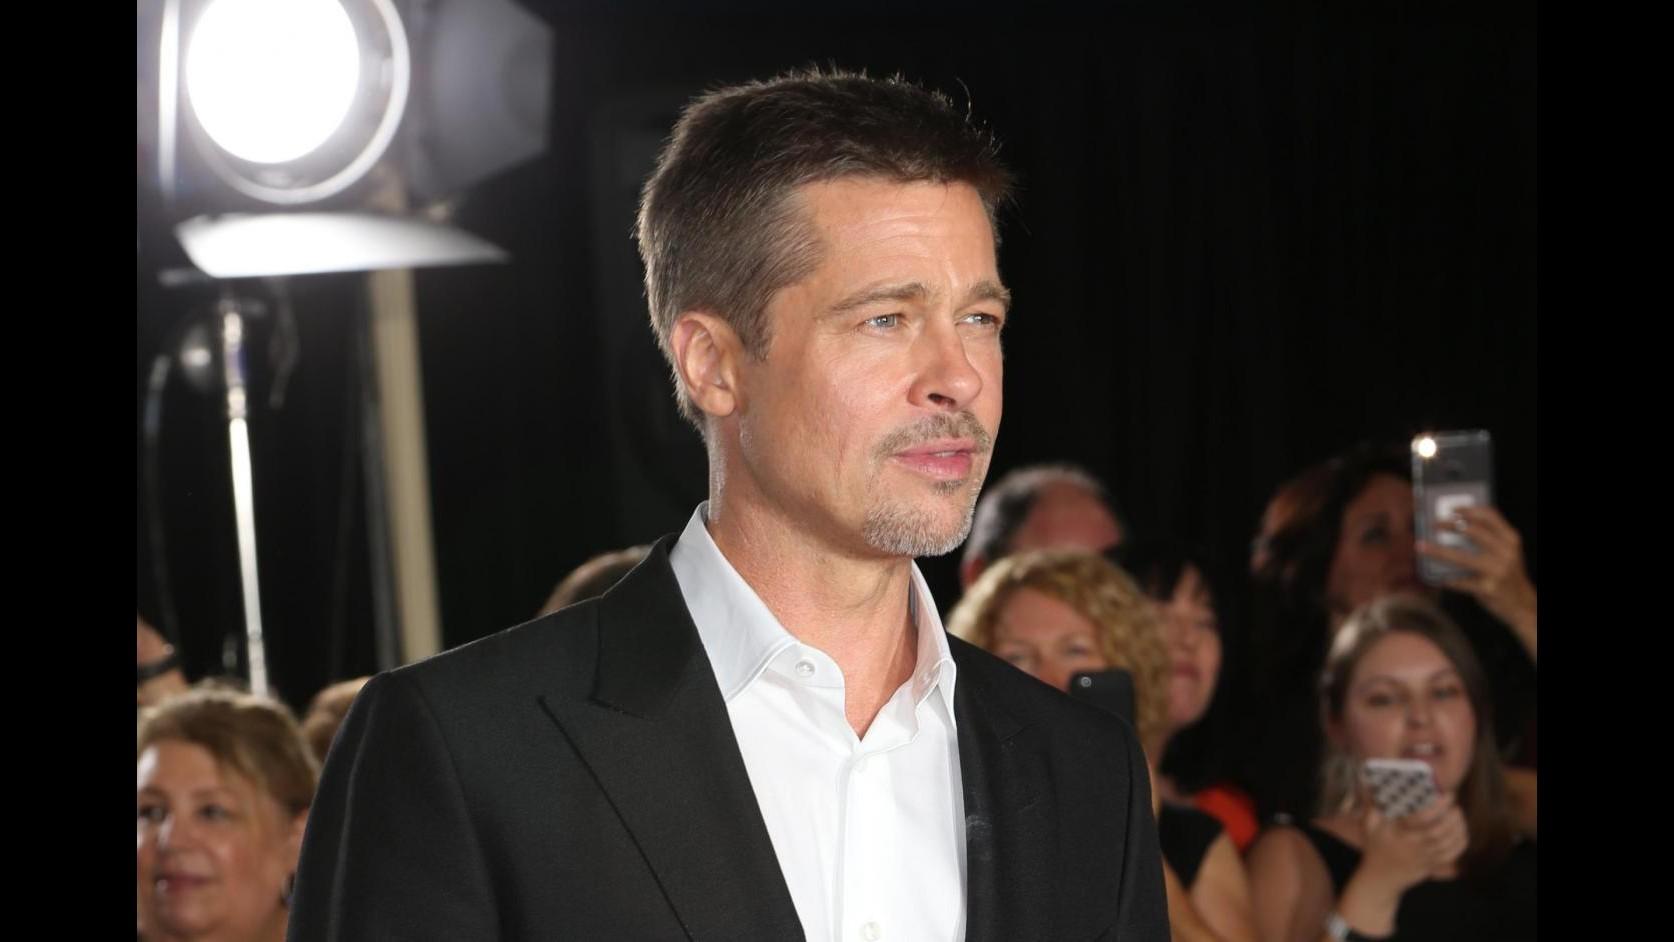 FOTO Primo red carpet per Brad Pitt dopo il divorzio